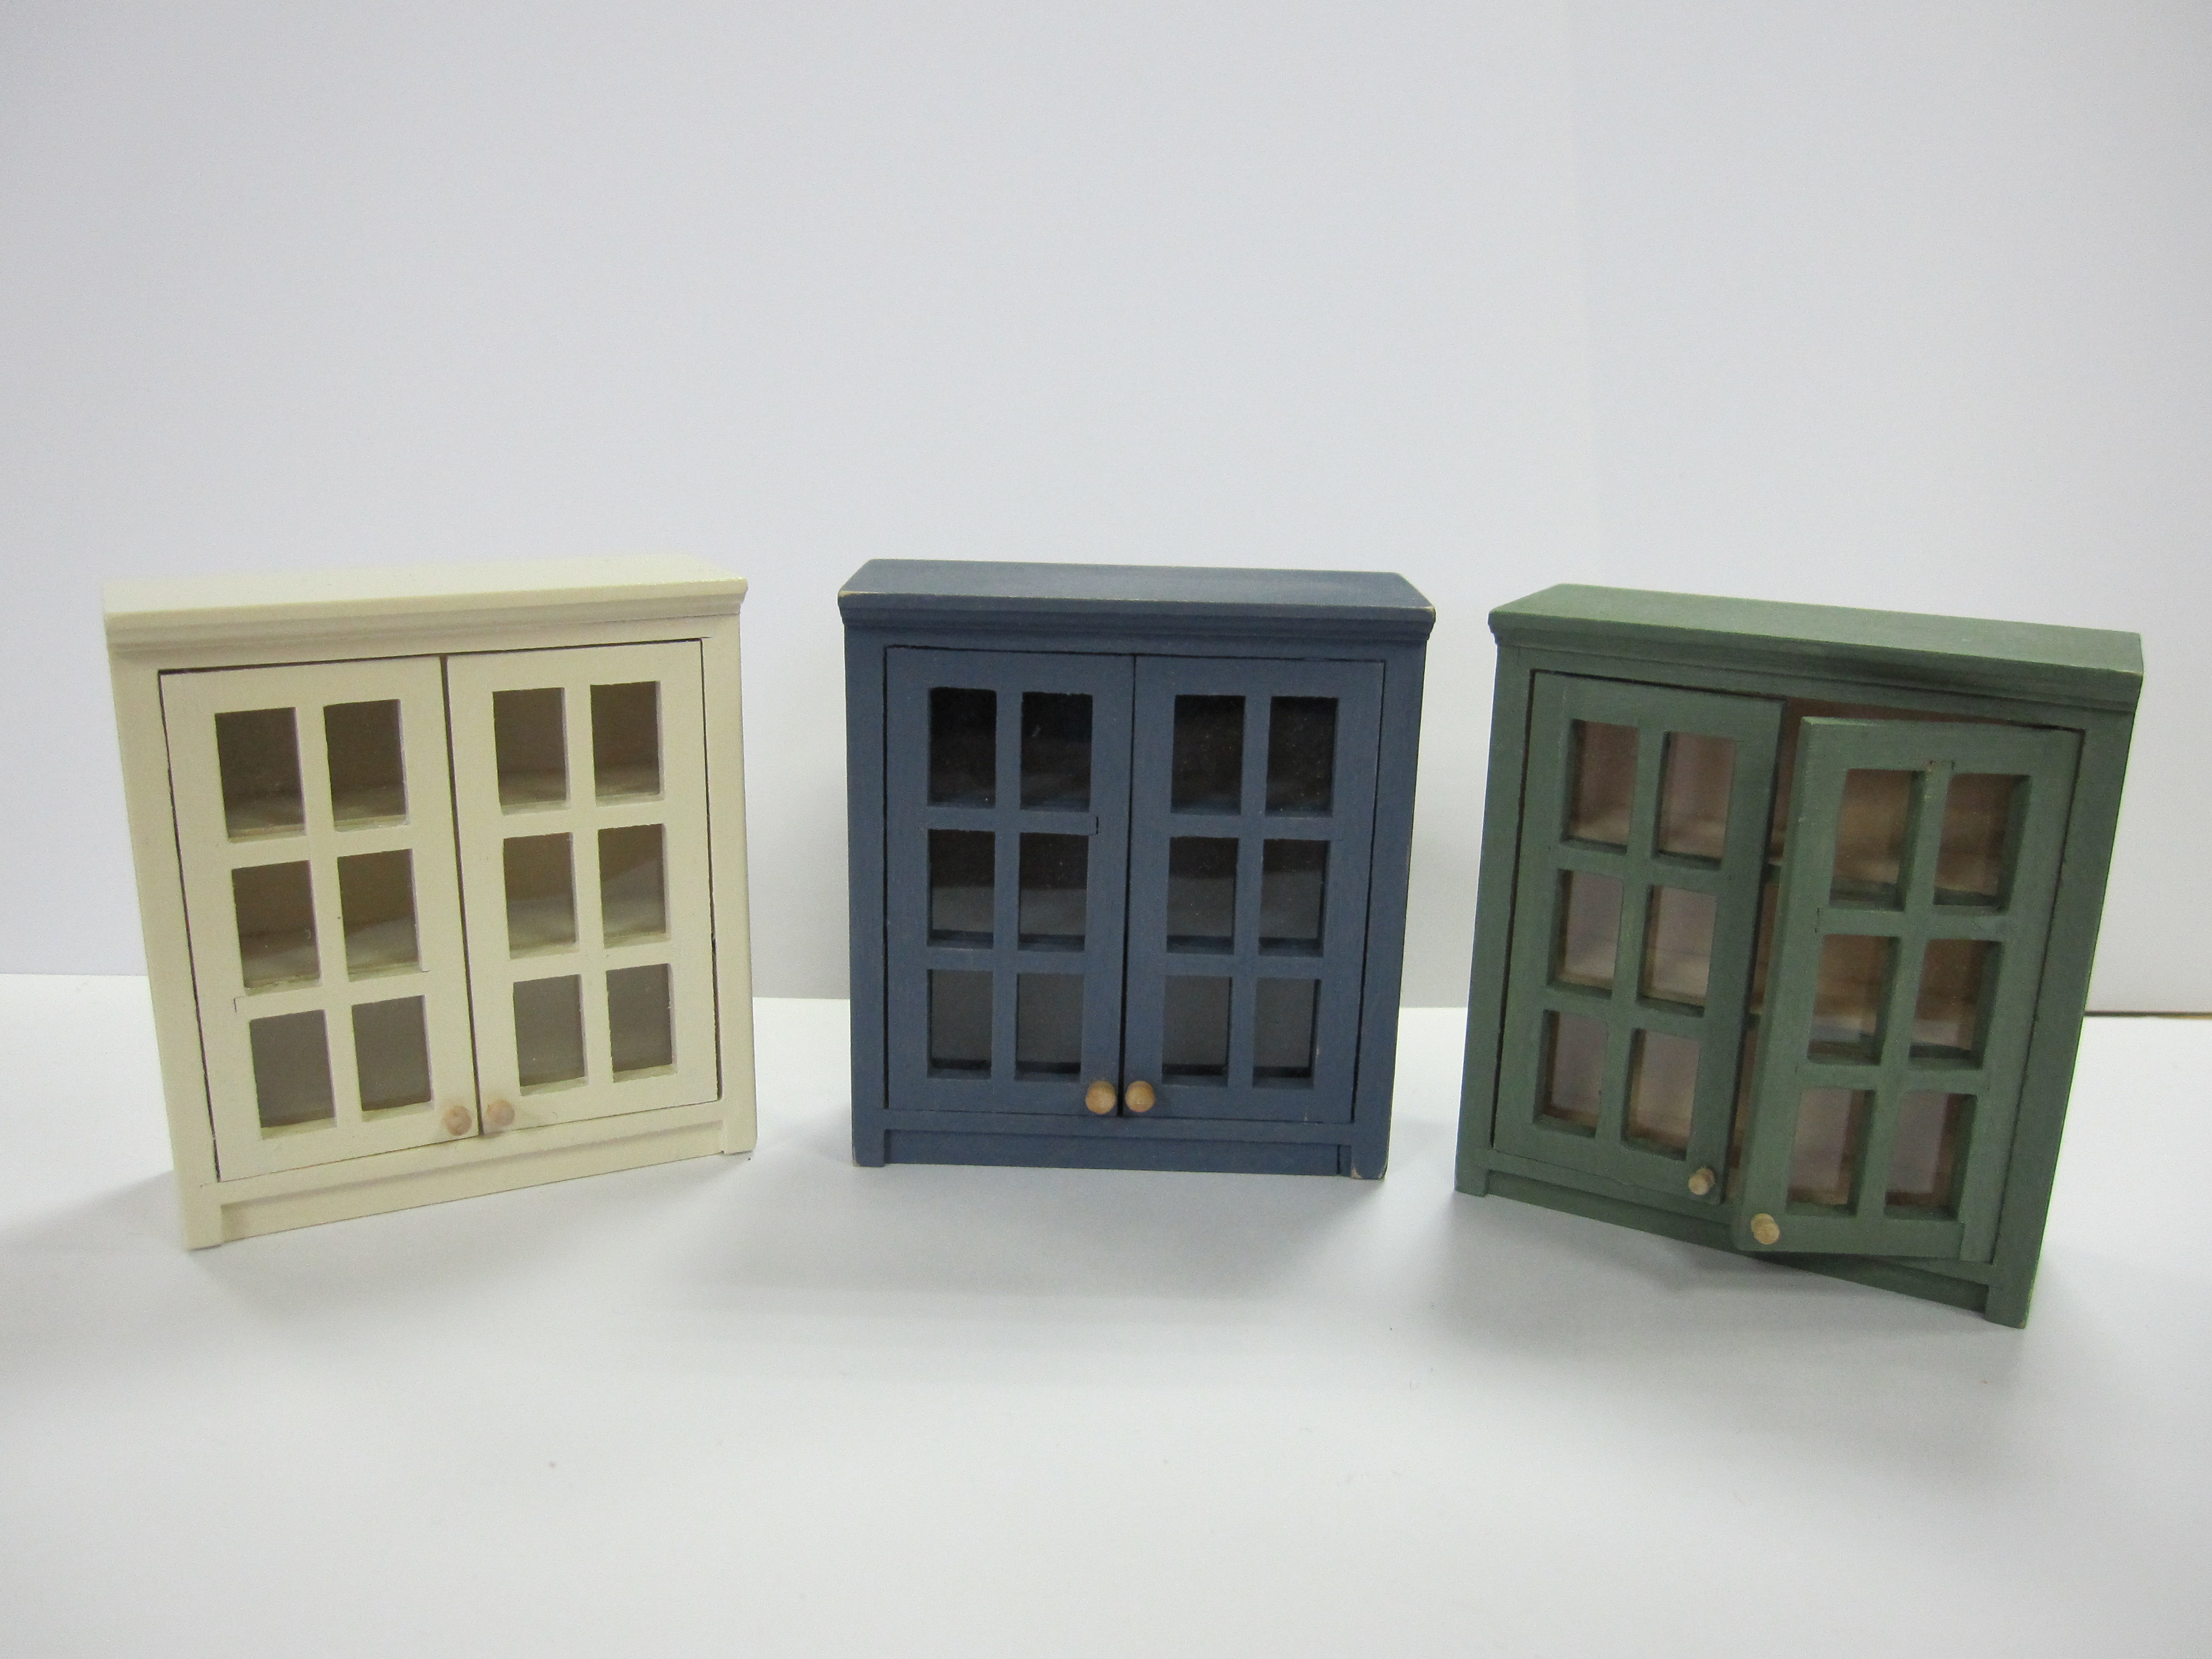 Keuken Grijs Groen : Blauw Keuken : Landelijke grijs blauwe keuken Interieur inrichting